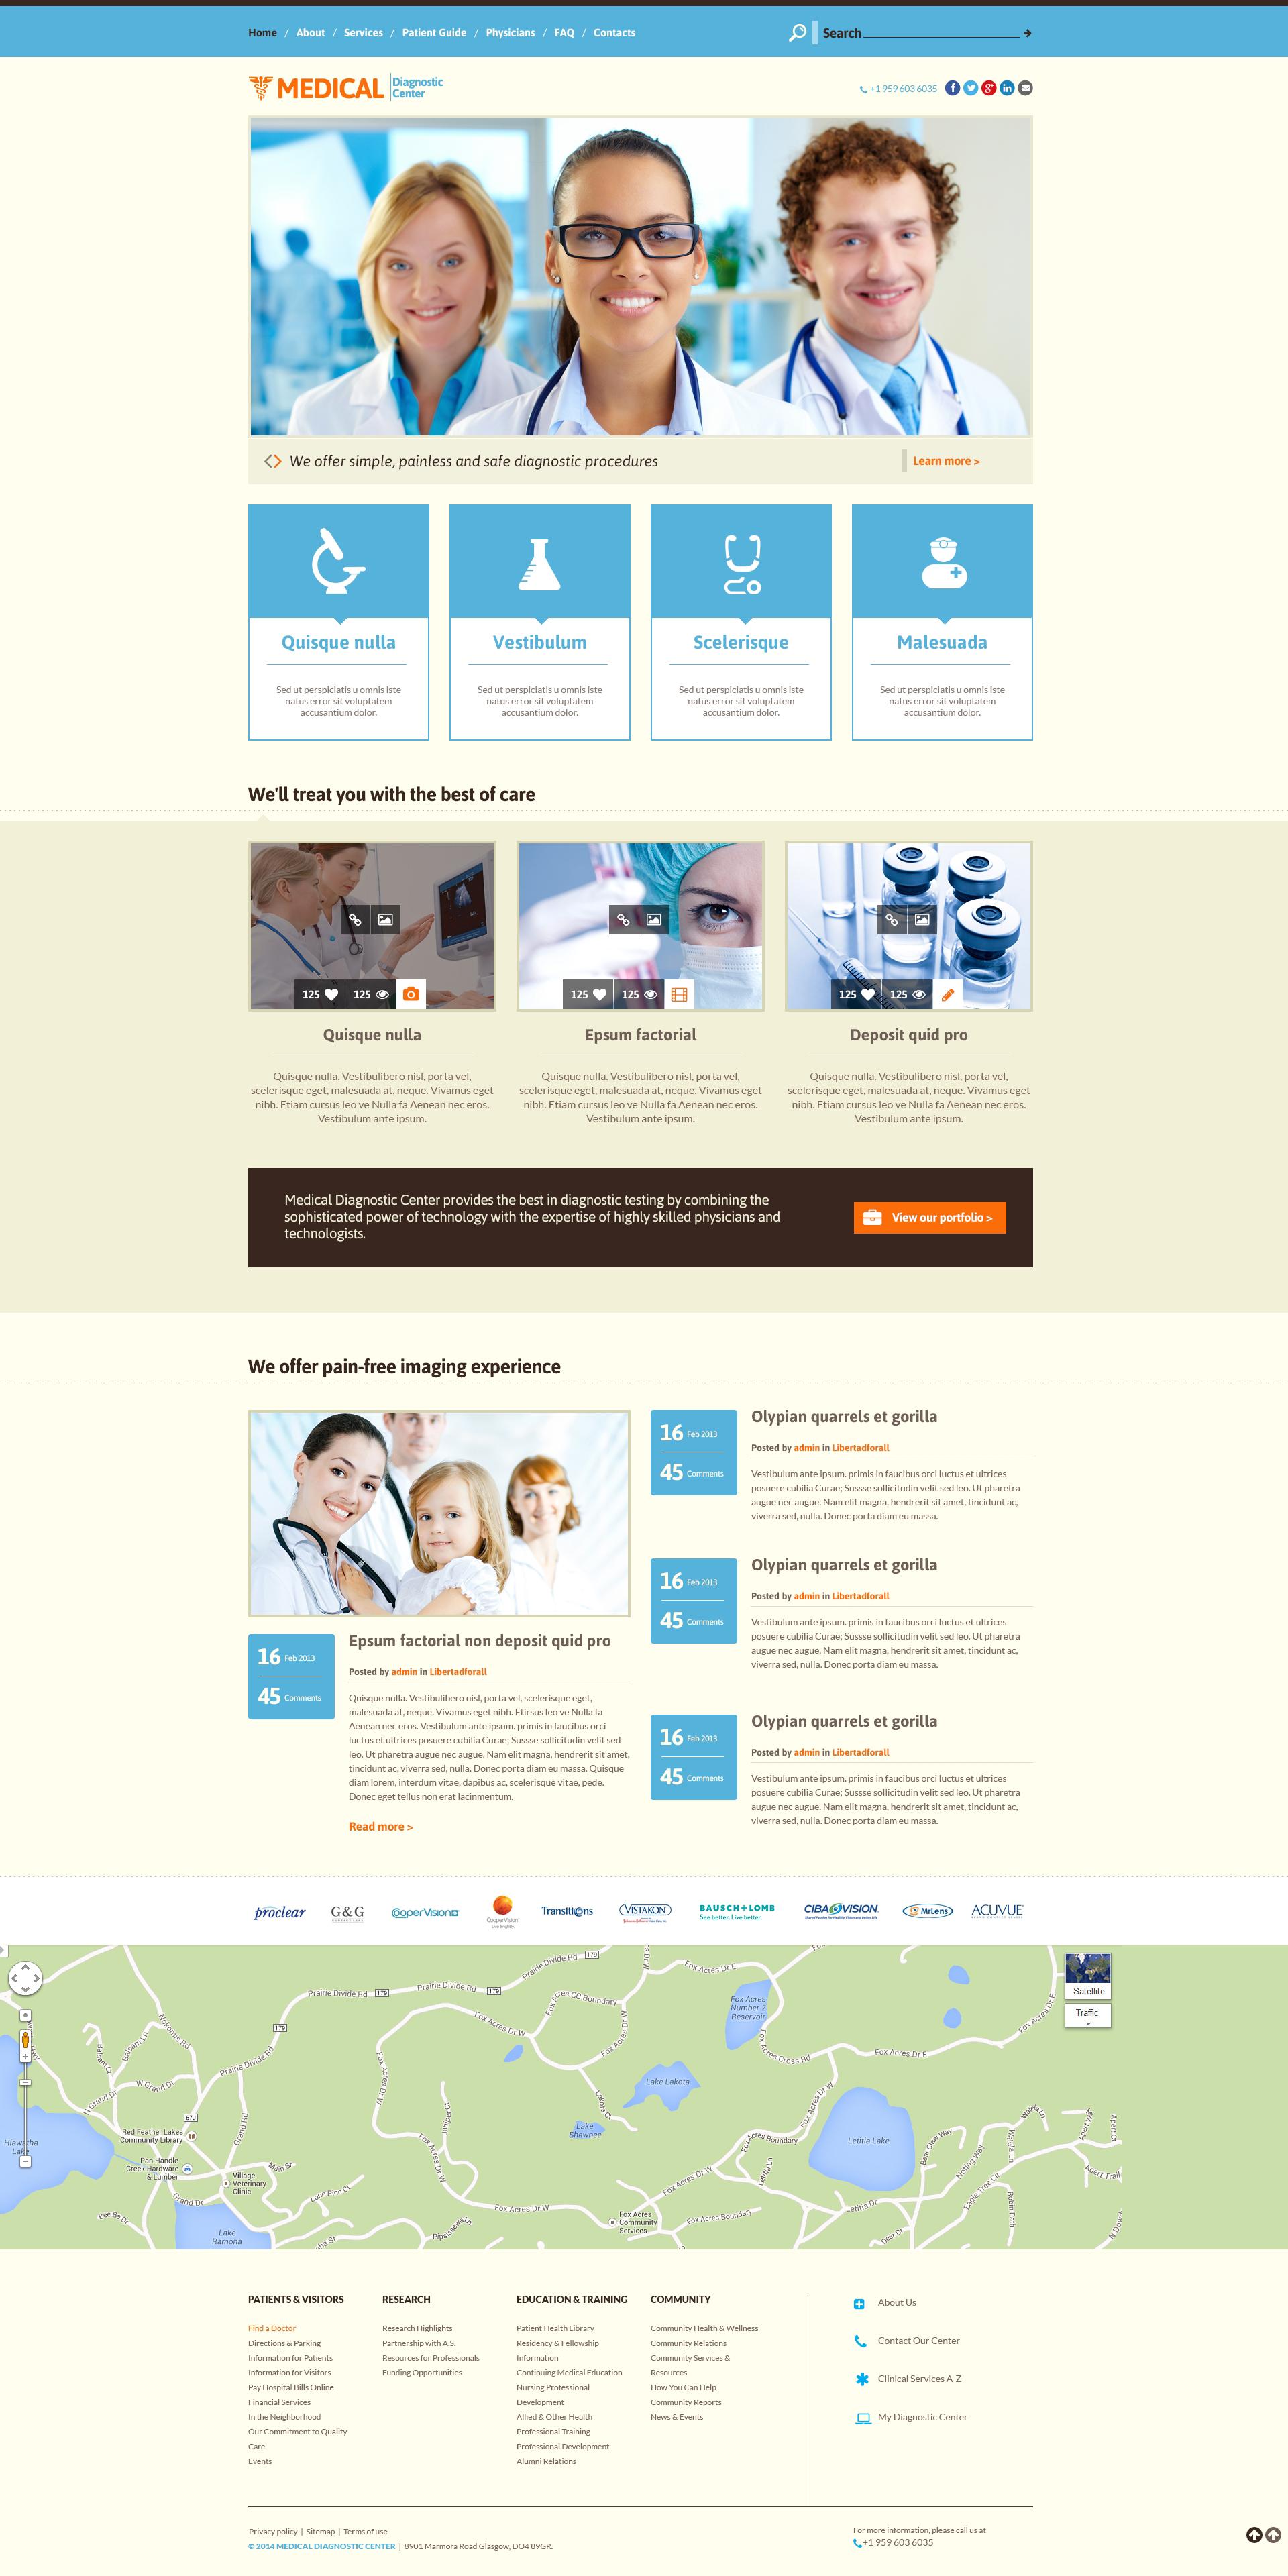 Template Web Flexível para Sites de Medico №49275 - captura de tela